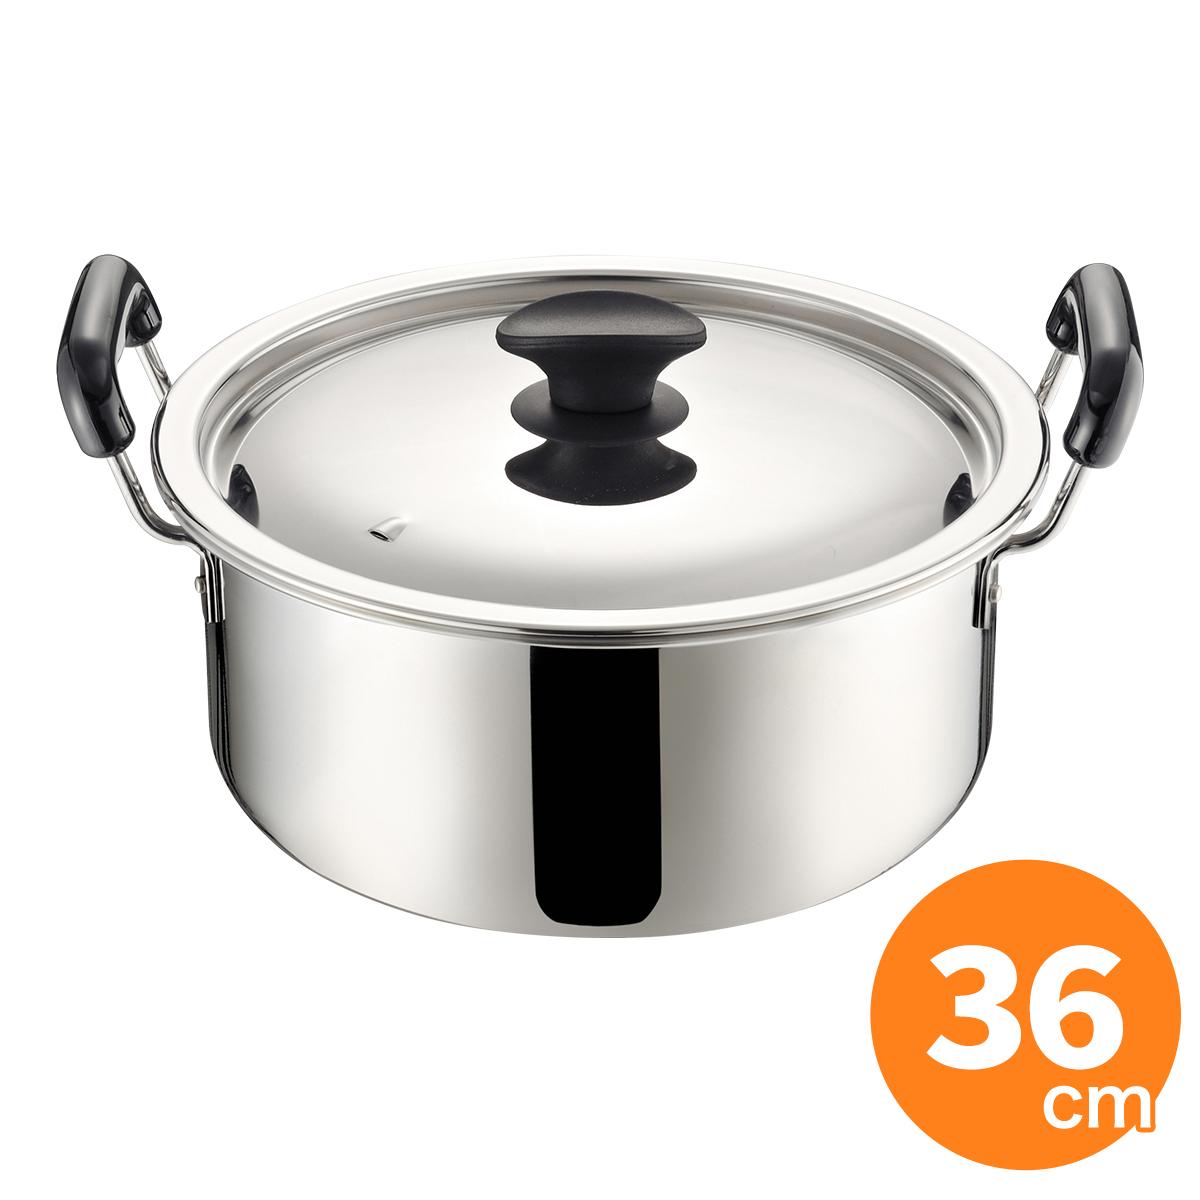 ステンレス製両手鍋 MTN PCEプロ&煮込み鍋 36cm IH対応 煮込鍋